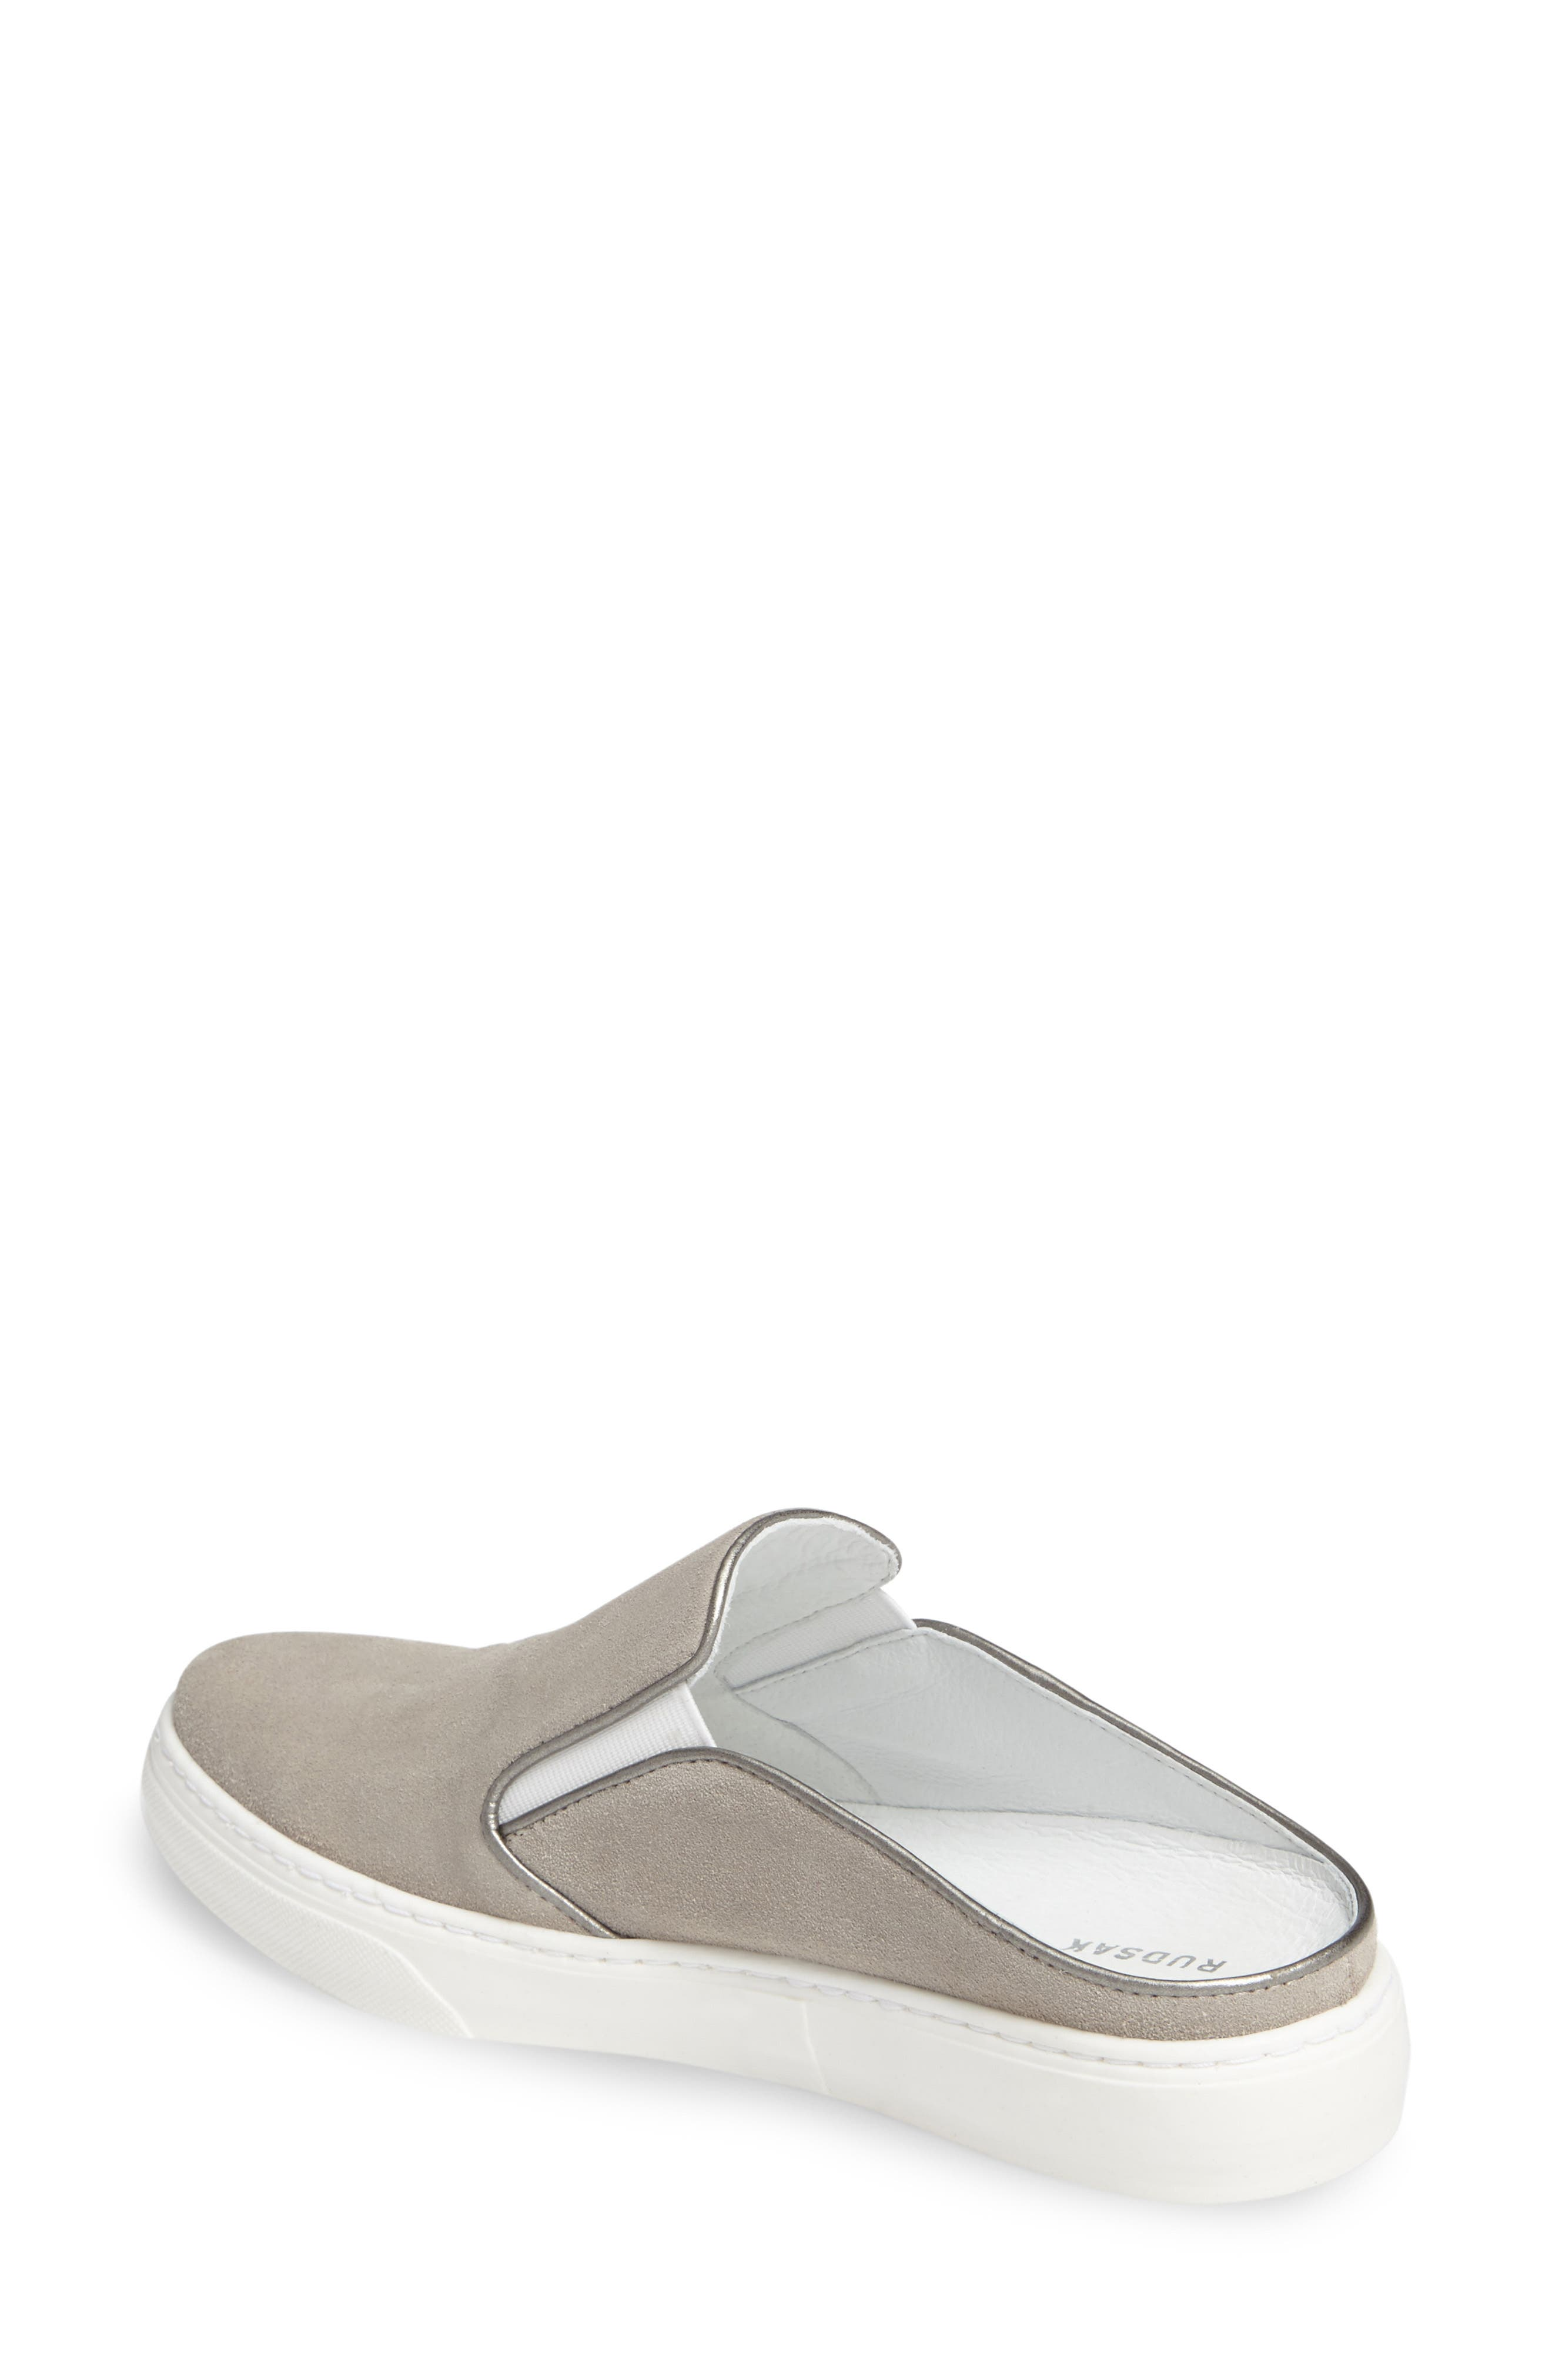 Balbina Mule Sneaker,                             Alternate thumbnail 4, color,